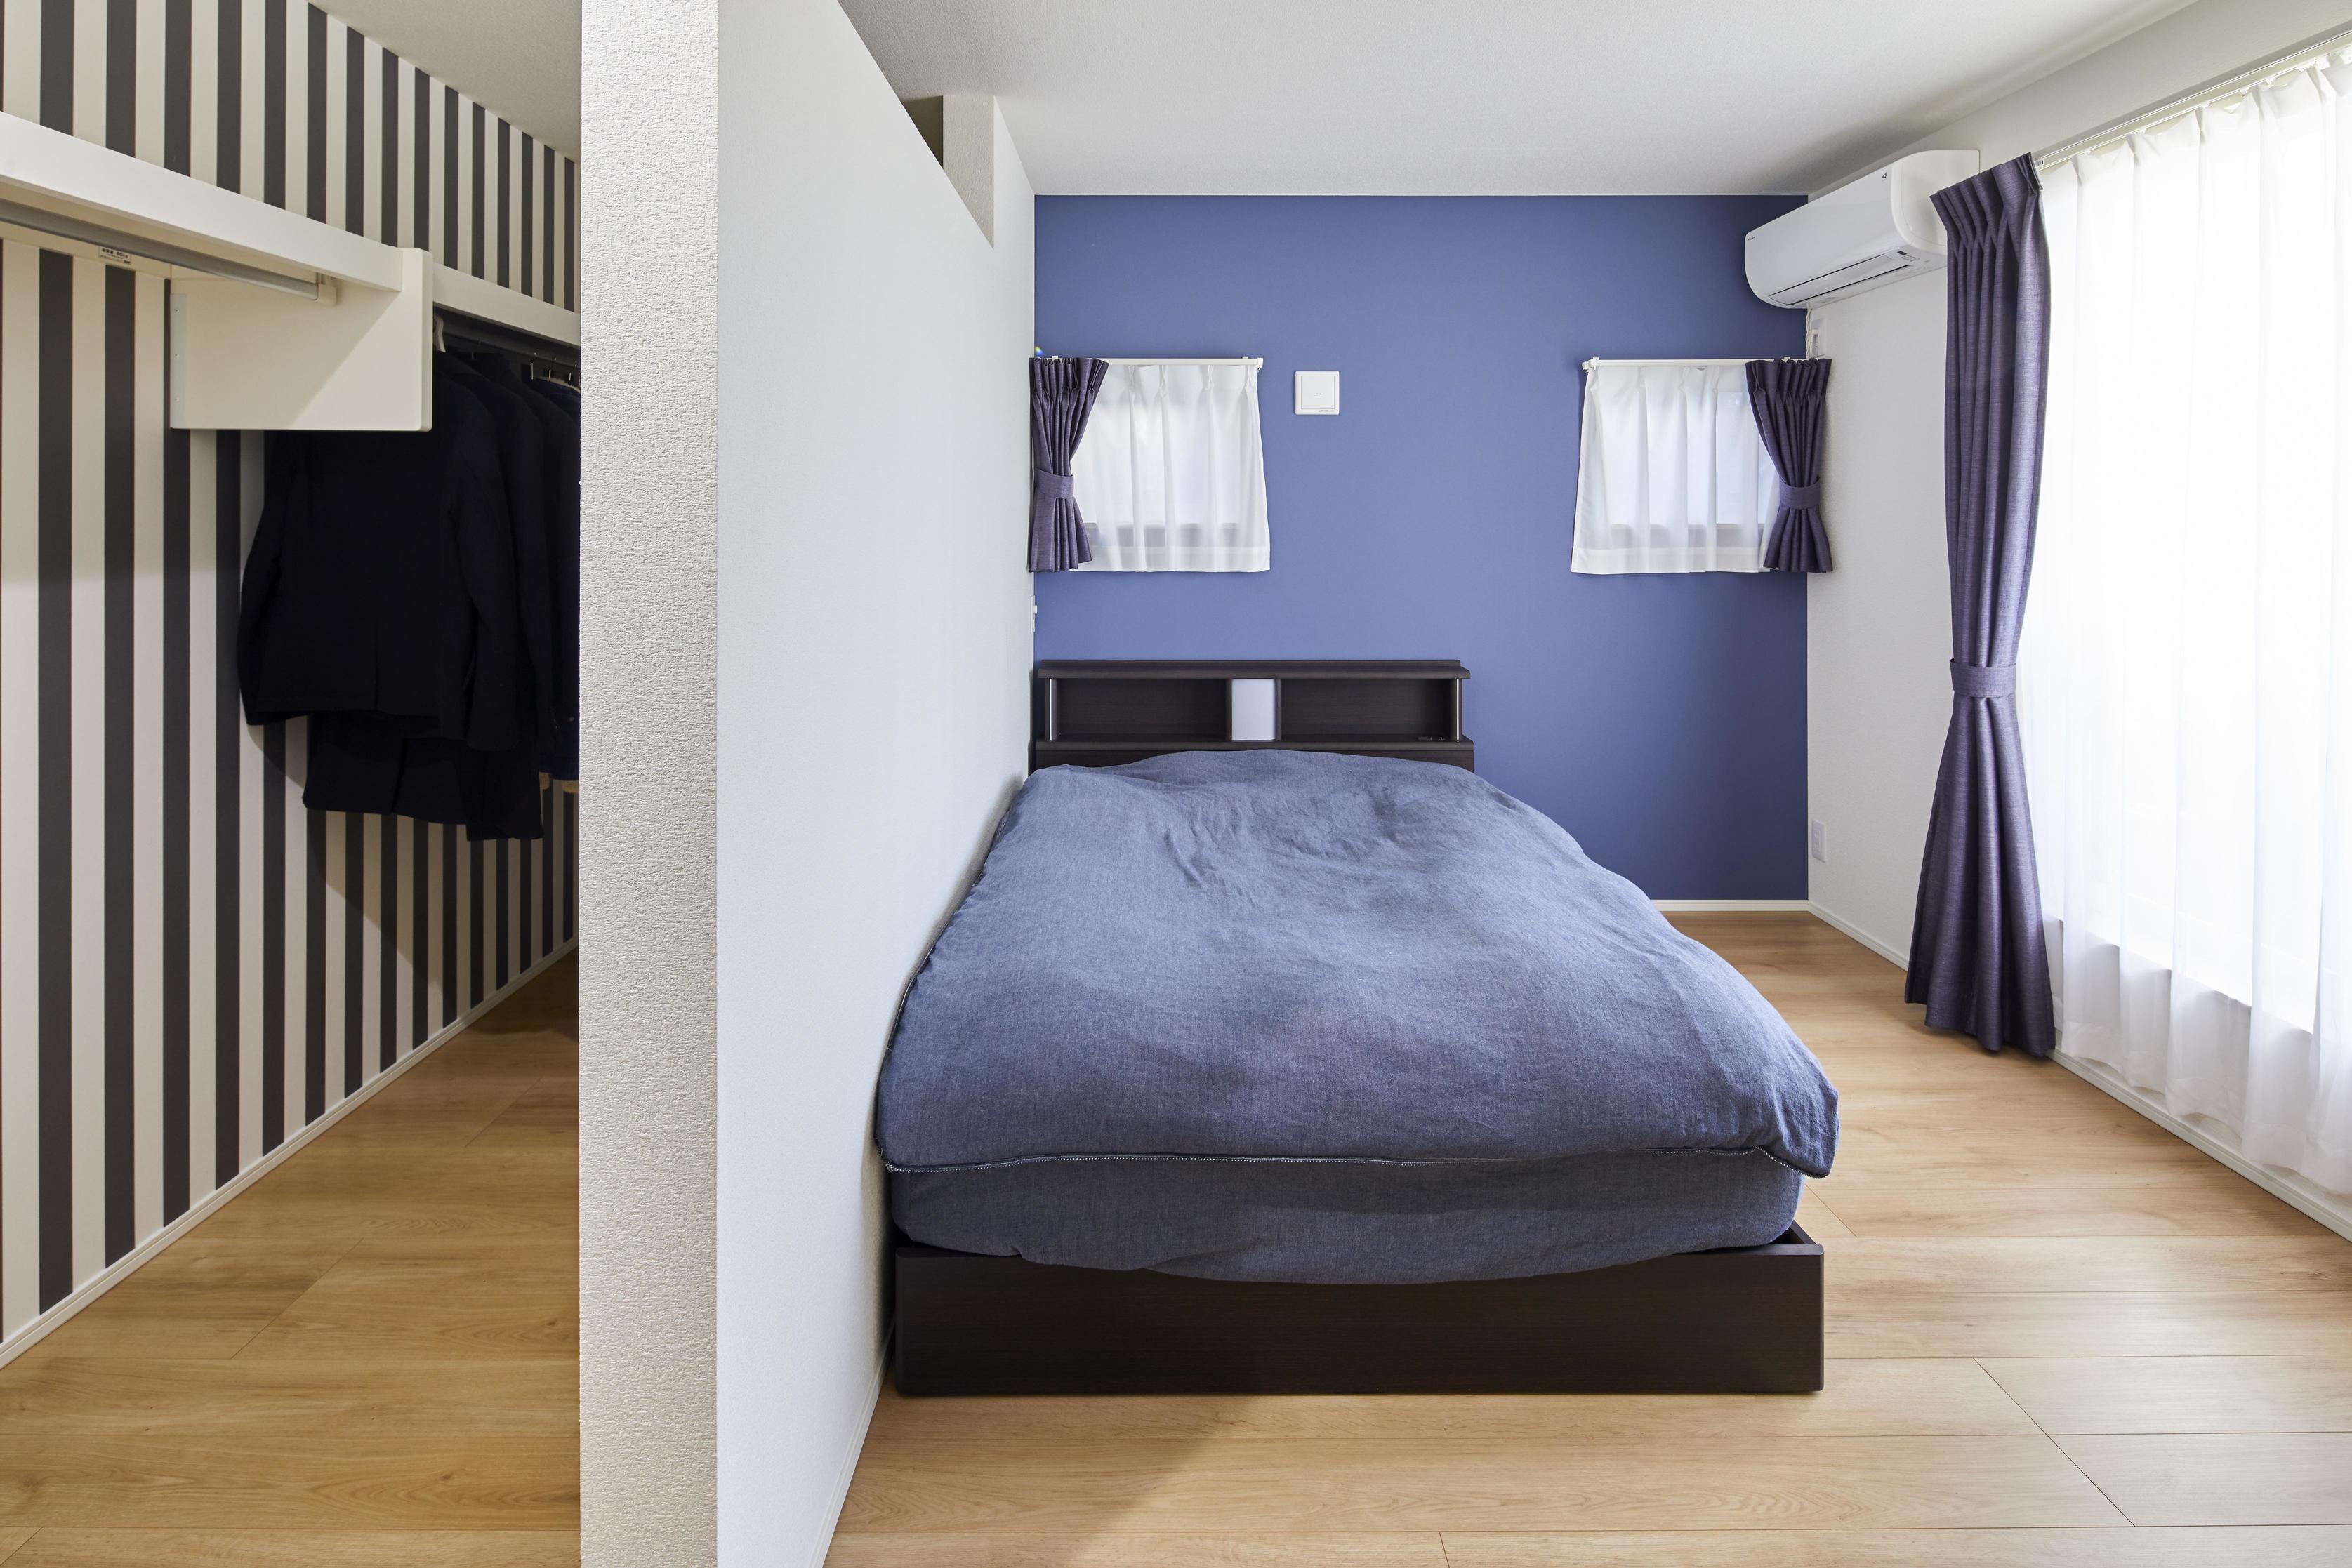 主寝室は濃いめのブルーアクセントクロスで落ち着いた印象に